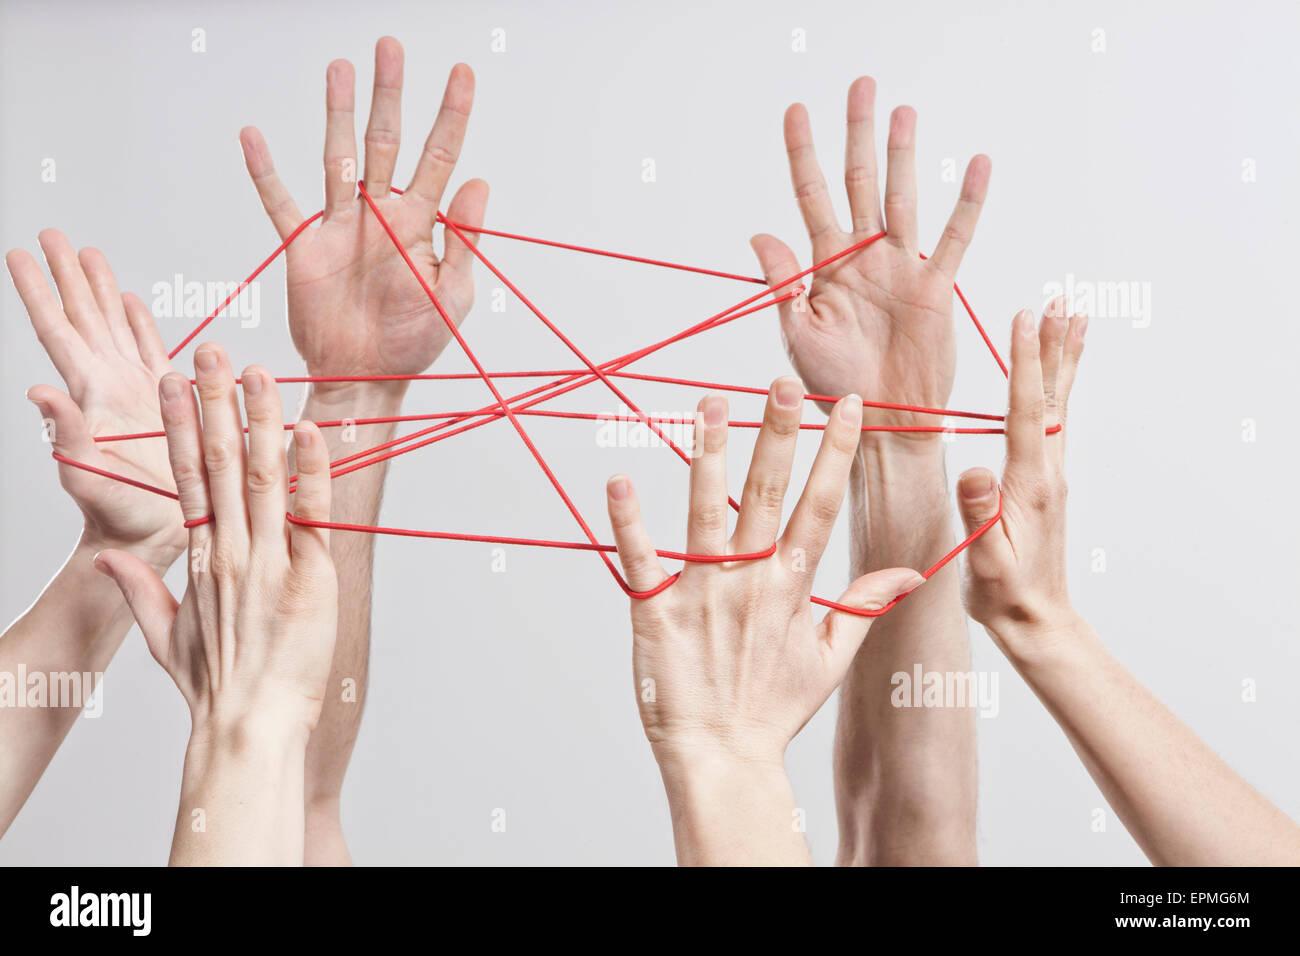 La liaison, de l'équipe, travail en équipe, Relation, mains, Cat's cradle Photo Stock